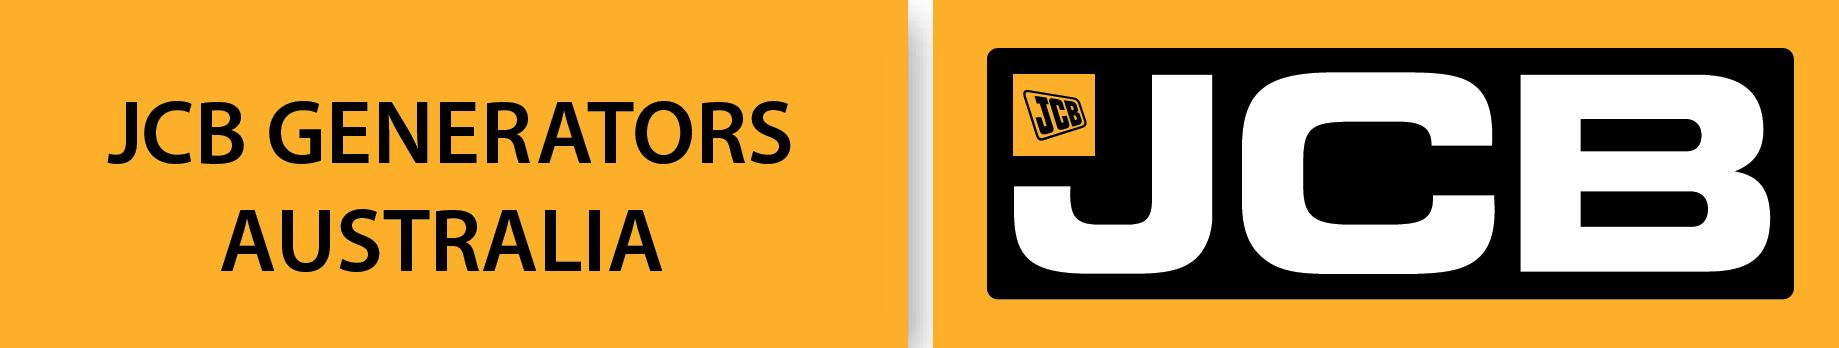 JCB GA logo Large